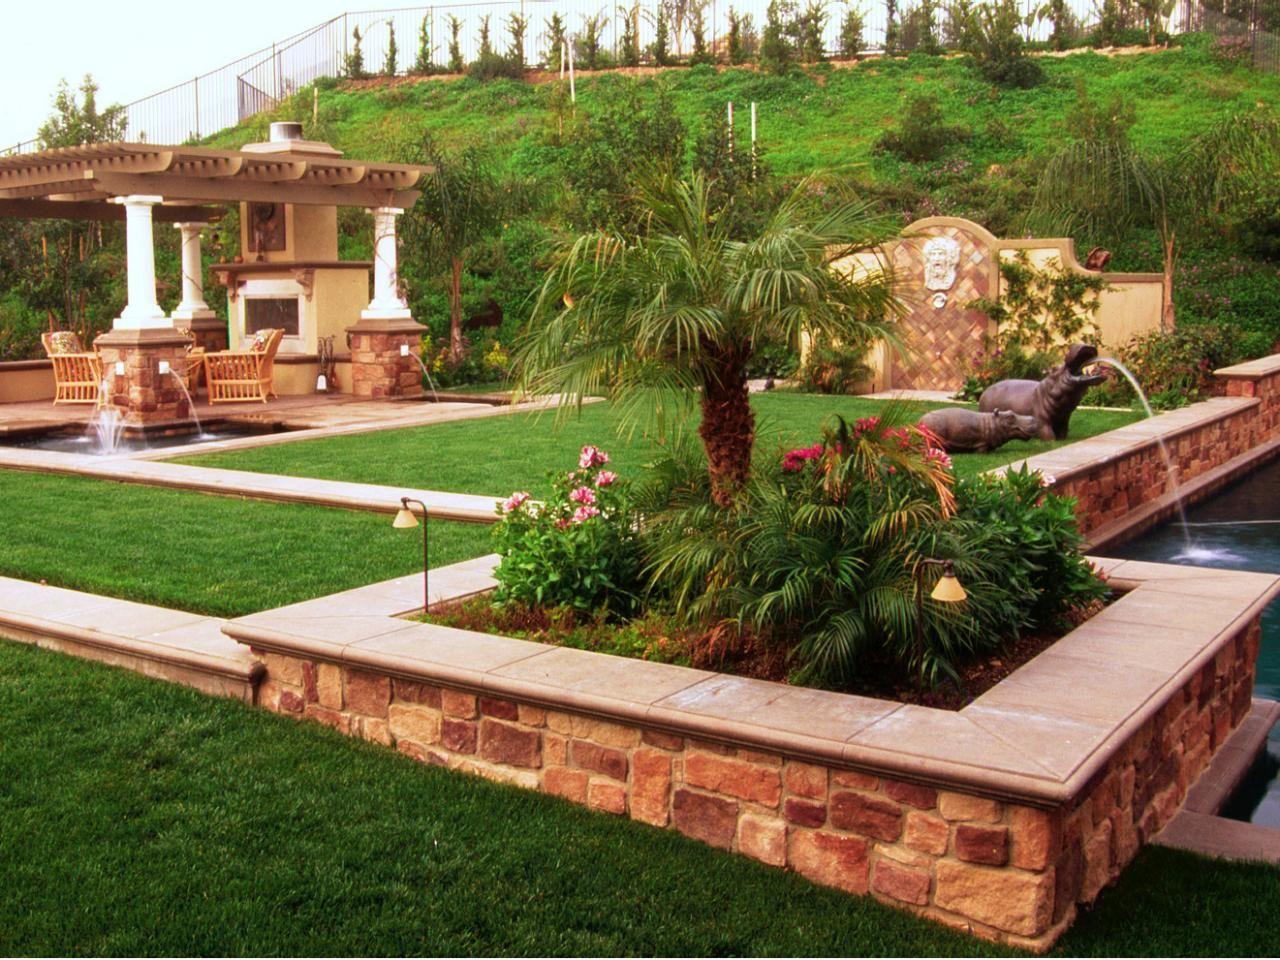 26 schöne Hinterhof-Design-Ideen  Backyard landscaping designs